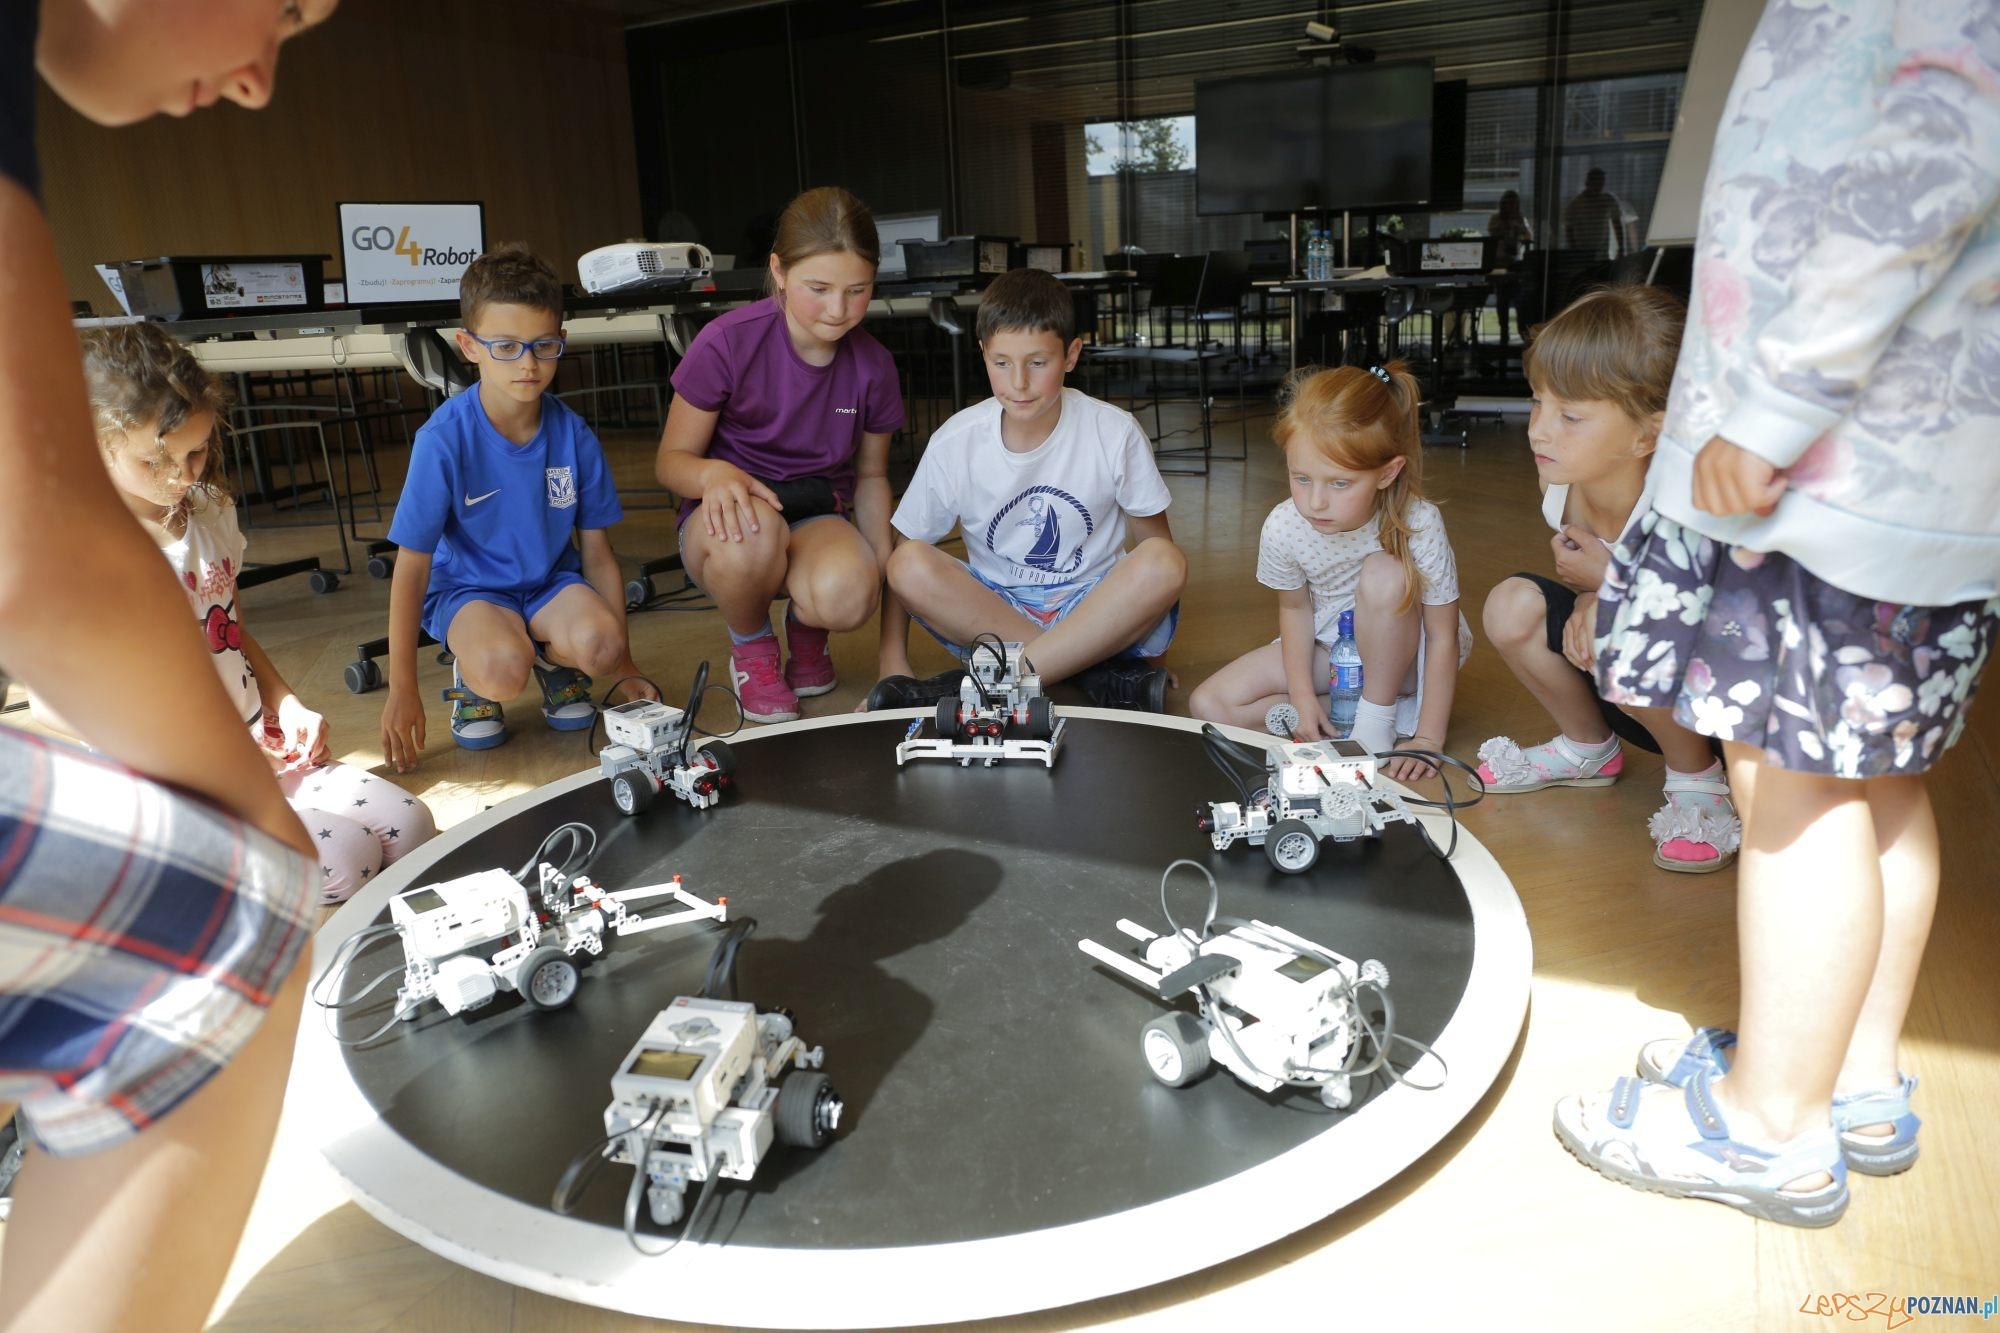 Allegro Tech Days W Lublinie Roboty Drony I Warsztaty Zdjecia Lubelski Pl Portal Lifestyle